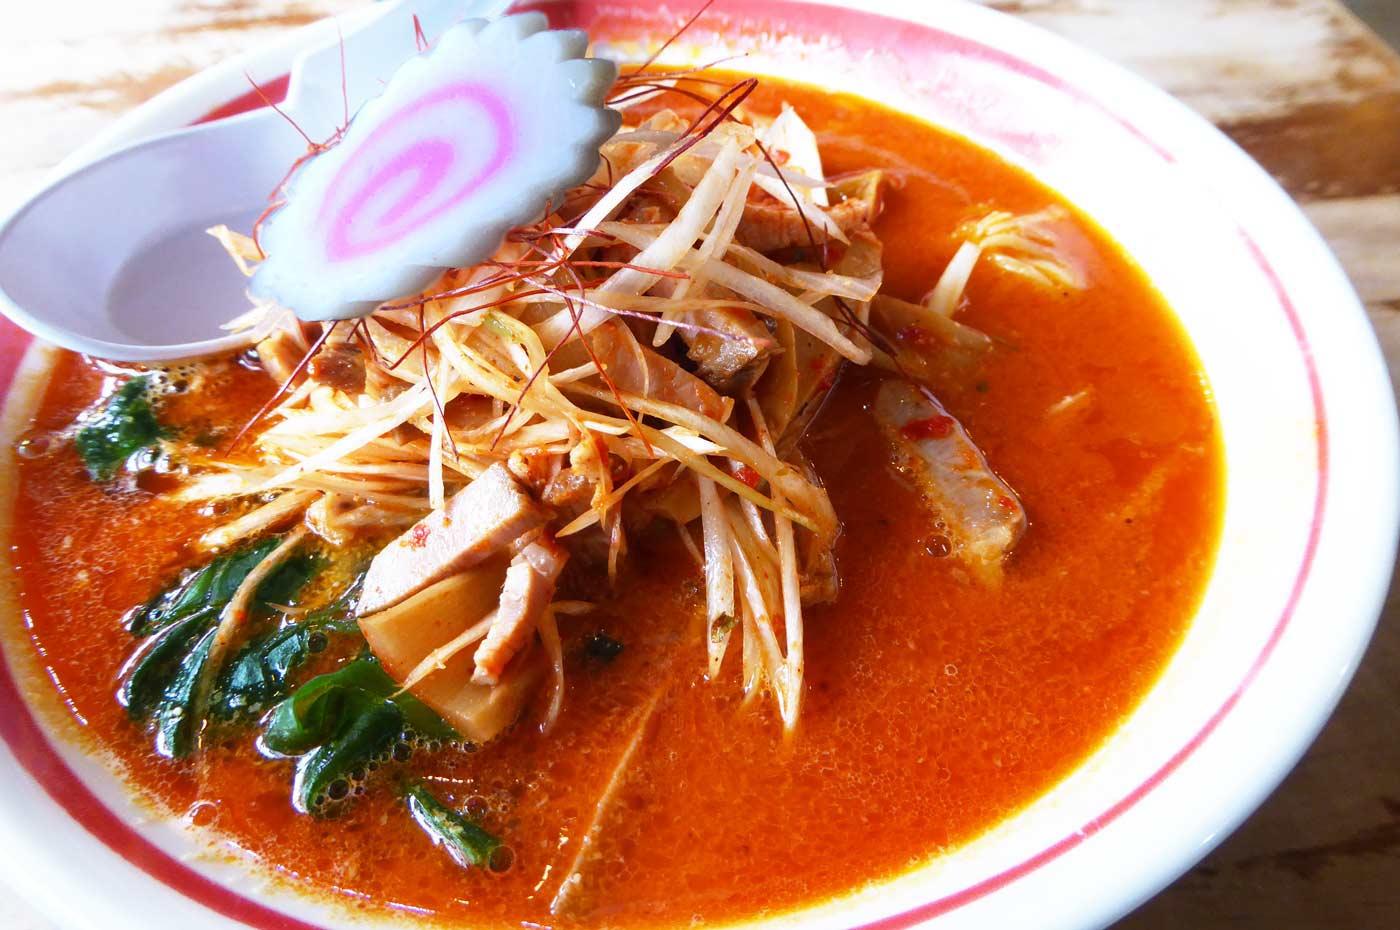 道端屋の担々麺の画像